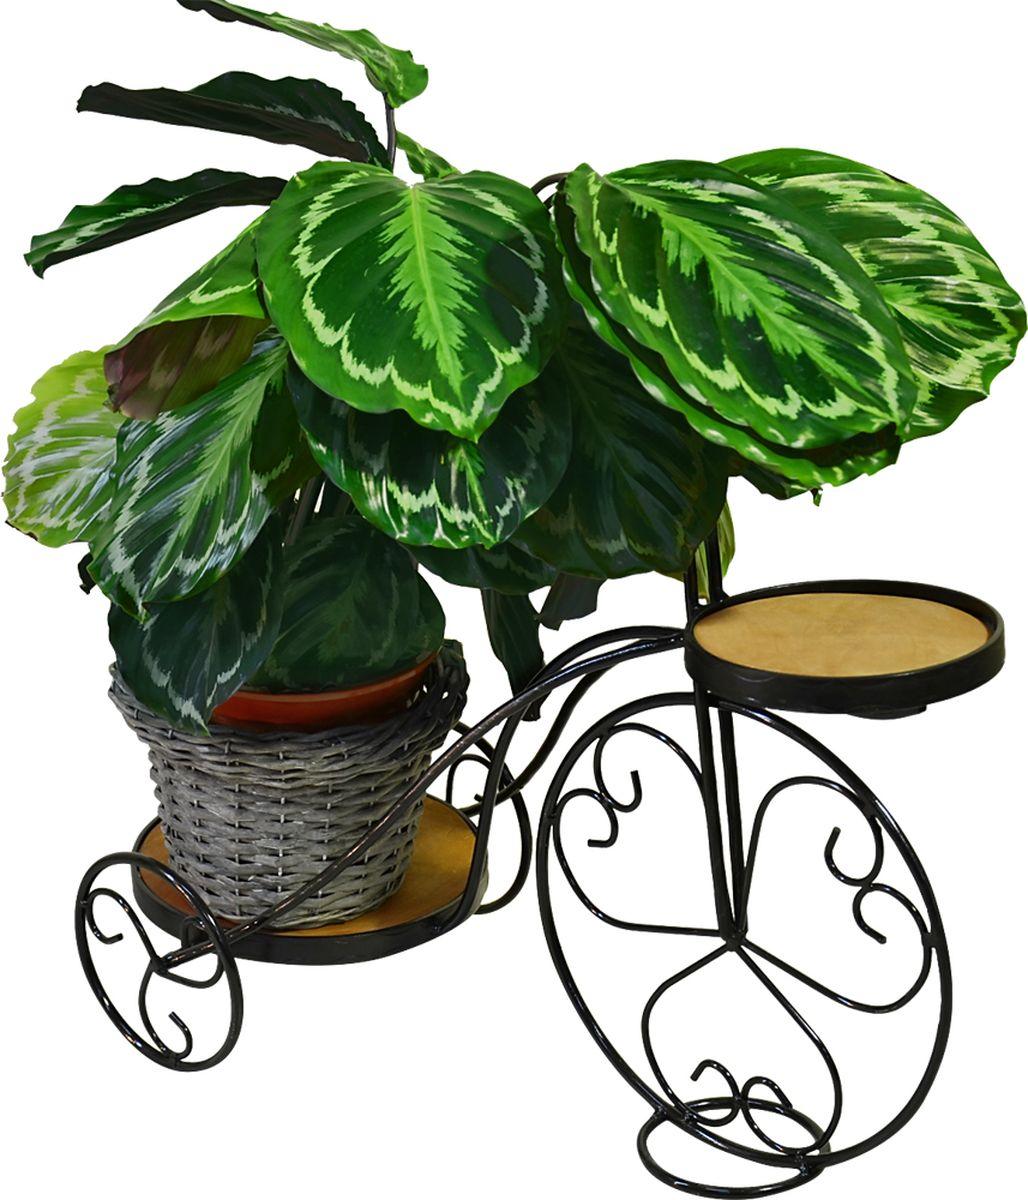 Подставка для цветов Фабрика ковки, на 2 цветка, цвет: черный, коричневый. 59-44259-442Оригинальная подставка Фабрика ковки предназначена для размещения двух цветков. Каркас изготовлен из металла, на котором располагаются подставки из дерева. Роль ножек исполняют изогнутые прутки, которые сплетаются в форму, повторяющую форму велосипеда, обеспечивая устойчивое расположение цветков. Подставка Фабрика ковки станет прекрасным дизайнерским решением для украшения дома.